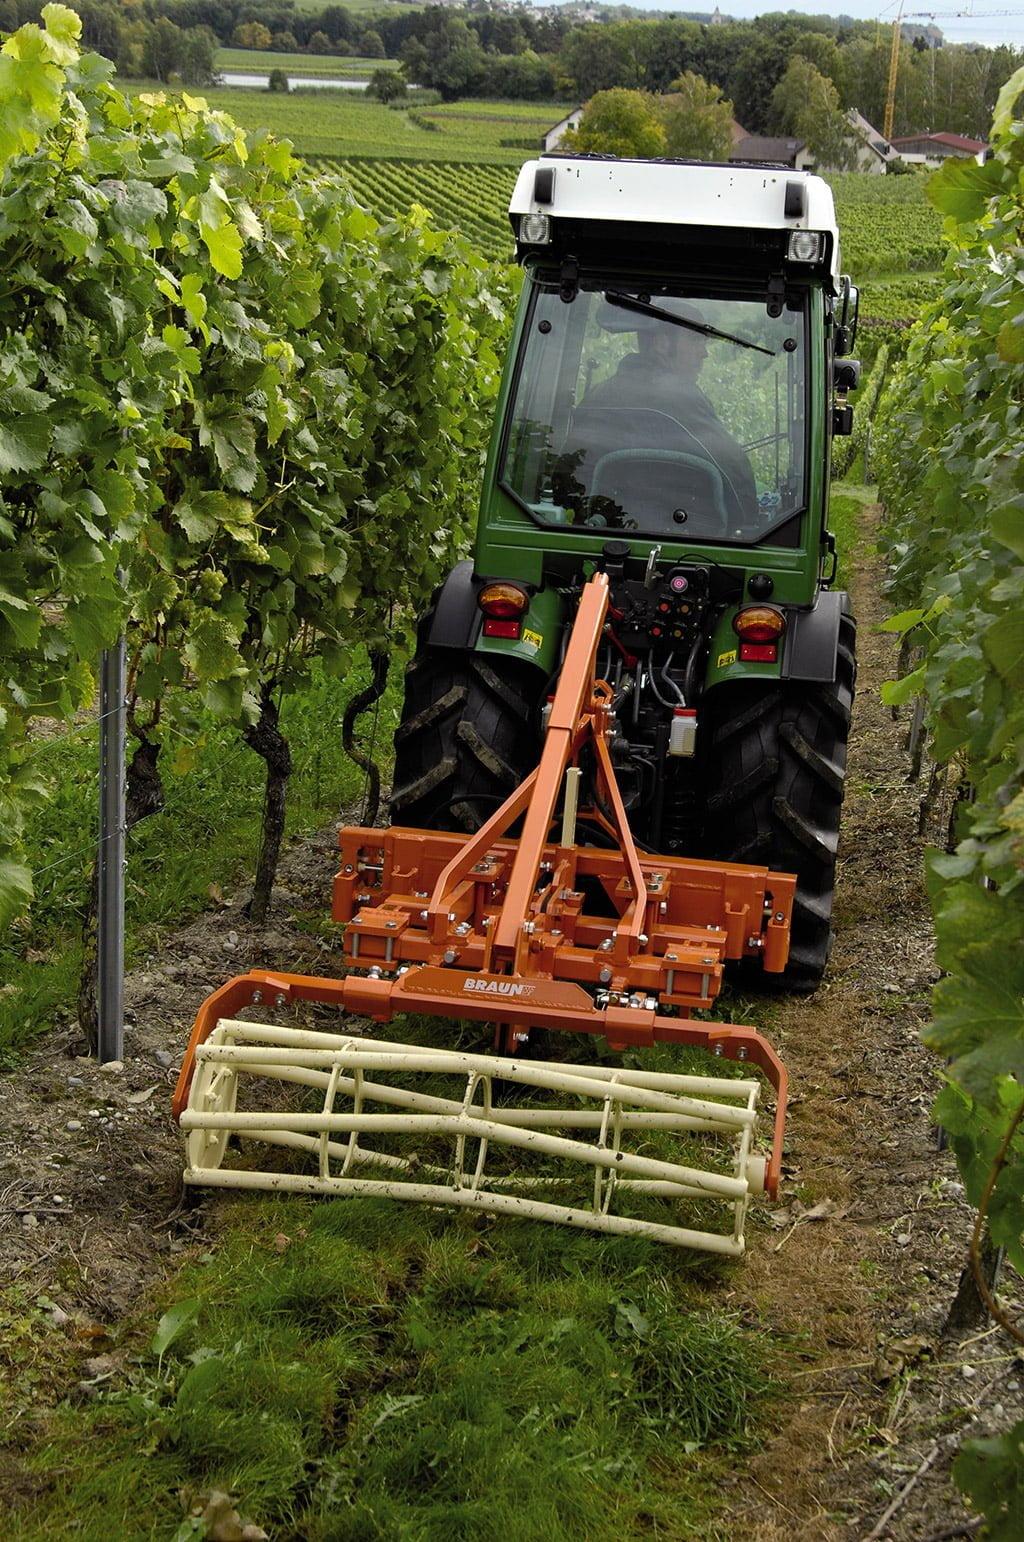 fendt vario 200 vfp 5 https://huglero.com/2020-en-iyi-bahce-traktoru/ En iyi bahçe traktörü hangisi seçebilmek hele bu konuda tavsiye vermek oldukça güç. Sadece küçük bir traktör için değil, başka bir aracı seçmek için de öncelikle ihtiyacın ne olduğunun belirlenmesi ve aracın özelliklerinin ona göre seçilmesi gerektiği elbette malum. Traktörler de özelliklerine göre çeşit çeşit farklı yapıdalar ve genellikle tarla tipi ve bahçe tipi traktör olarak ayrılıyorlar. Peki Türkiye'de 2020 yılında seçebileceğimiz en iyi bahçe traktörleri hangileri?